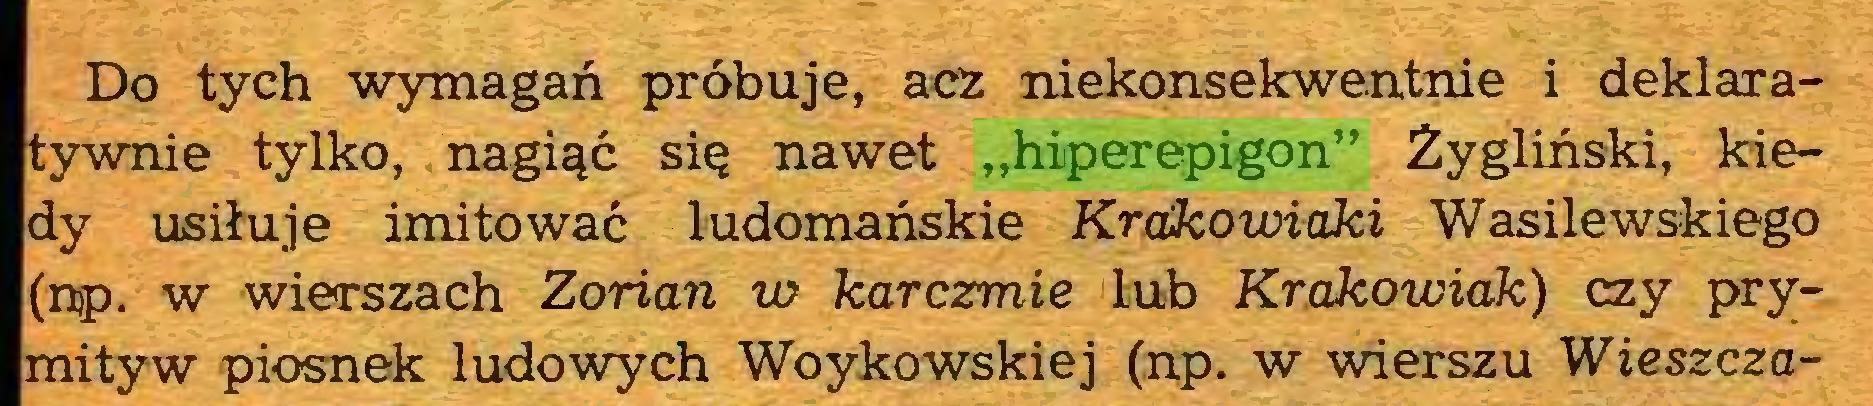 """(...) Do tych wymagań próbuje, acz niekonsekwentnie i deklaratywnie tylko, nagiąć się nawet """"hiperepigon"""" Żygliński, kiedy usiłuje imitować ludomańskie Krakowiaki Wasilewskiego (np. w wierszach Zorian w karczmie lub Krakowiak) czy prymityw piosnek ludowych Woykowskiej (np. w wierszu Wieszcza..."""